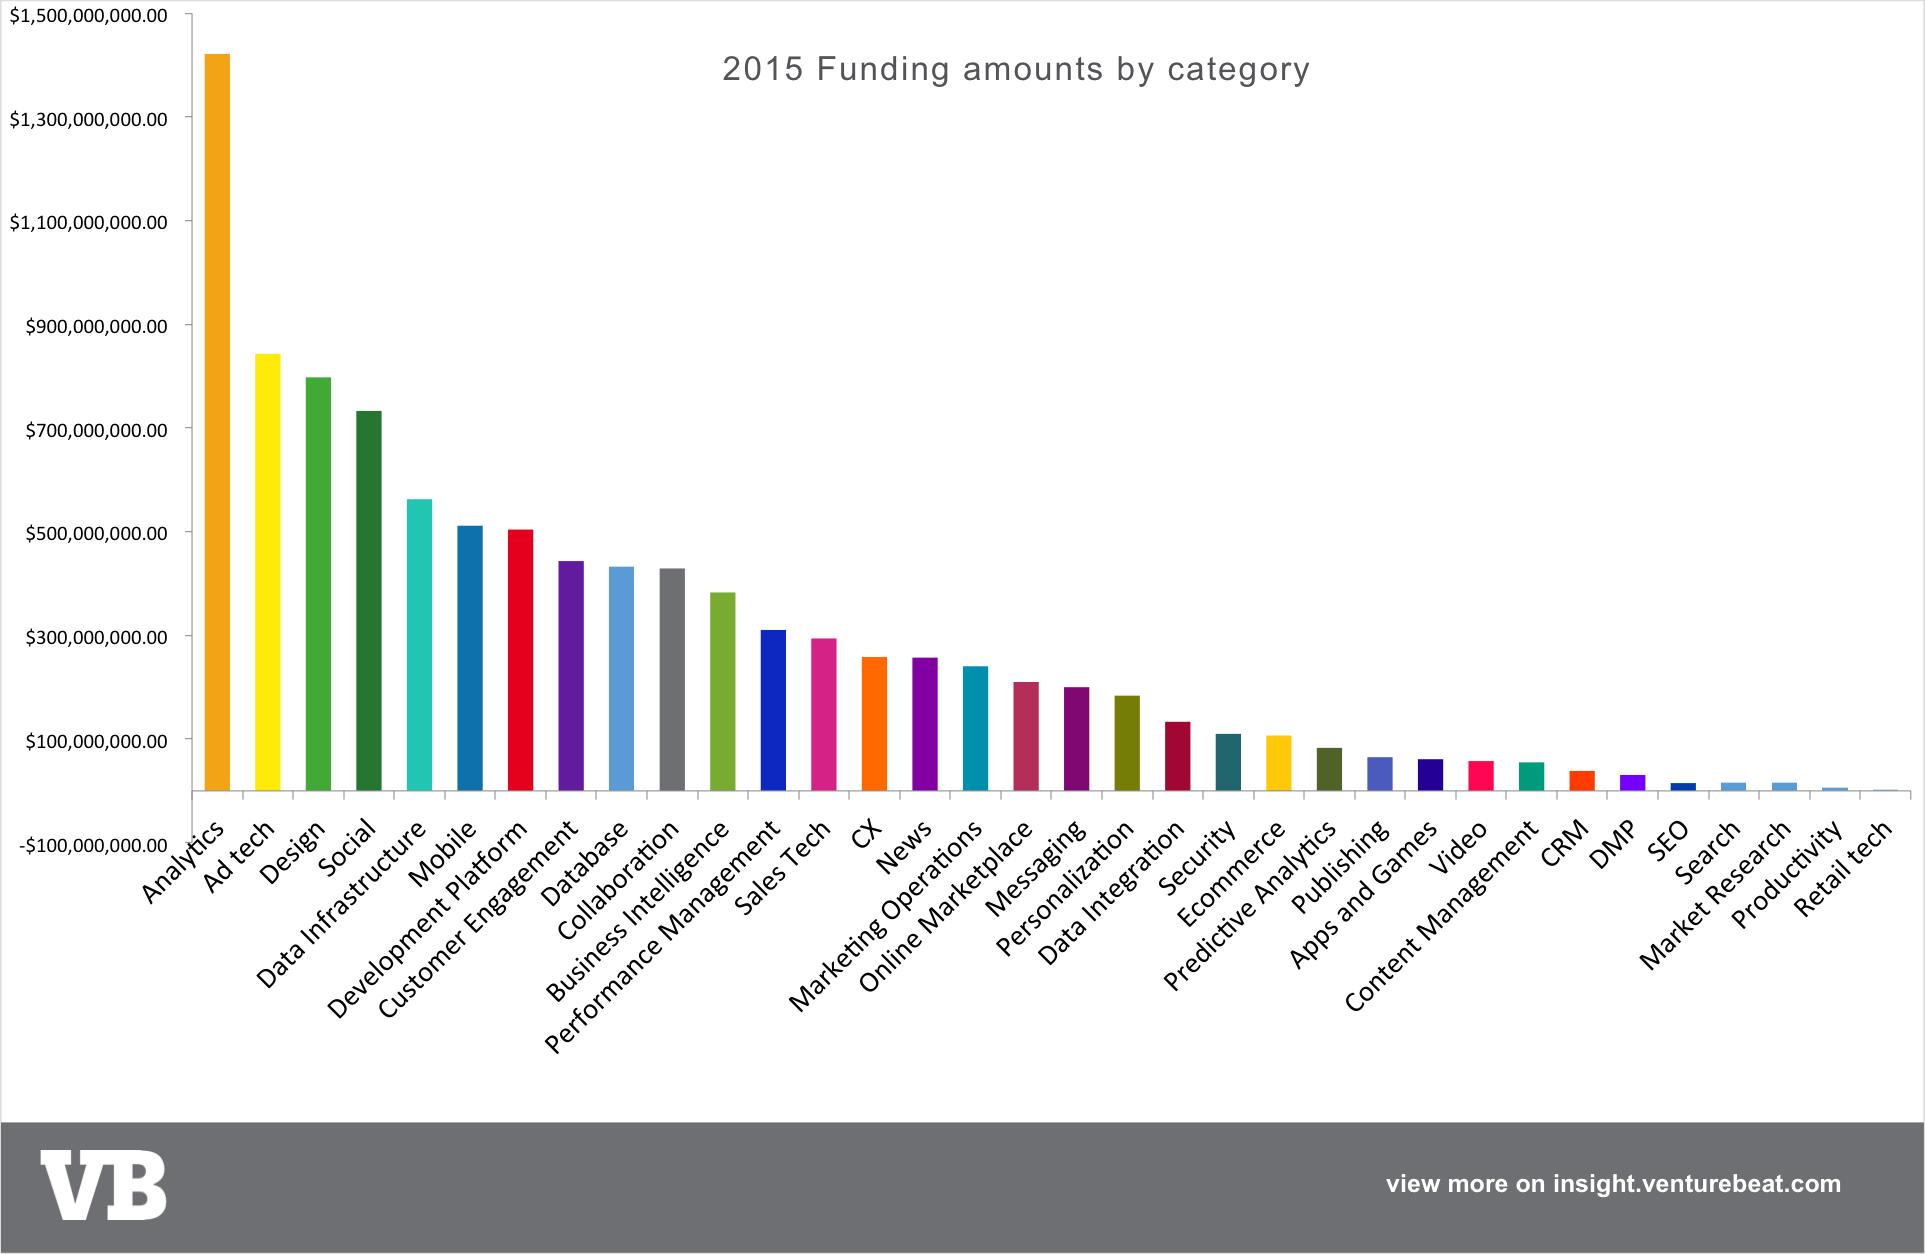 2015 totals